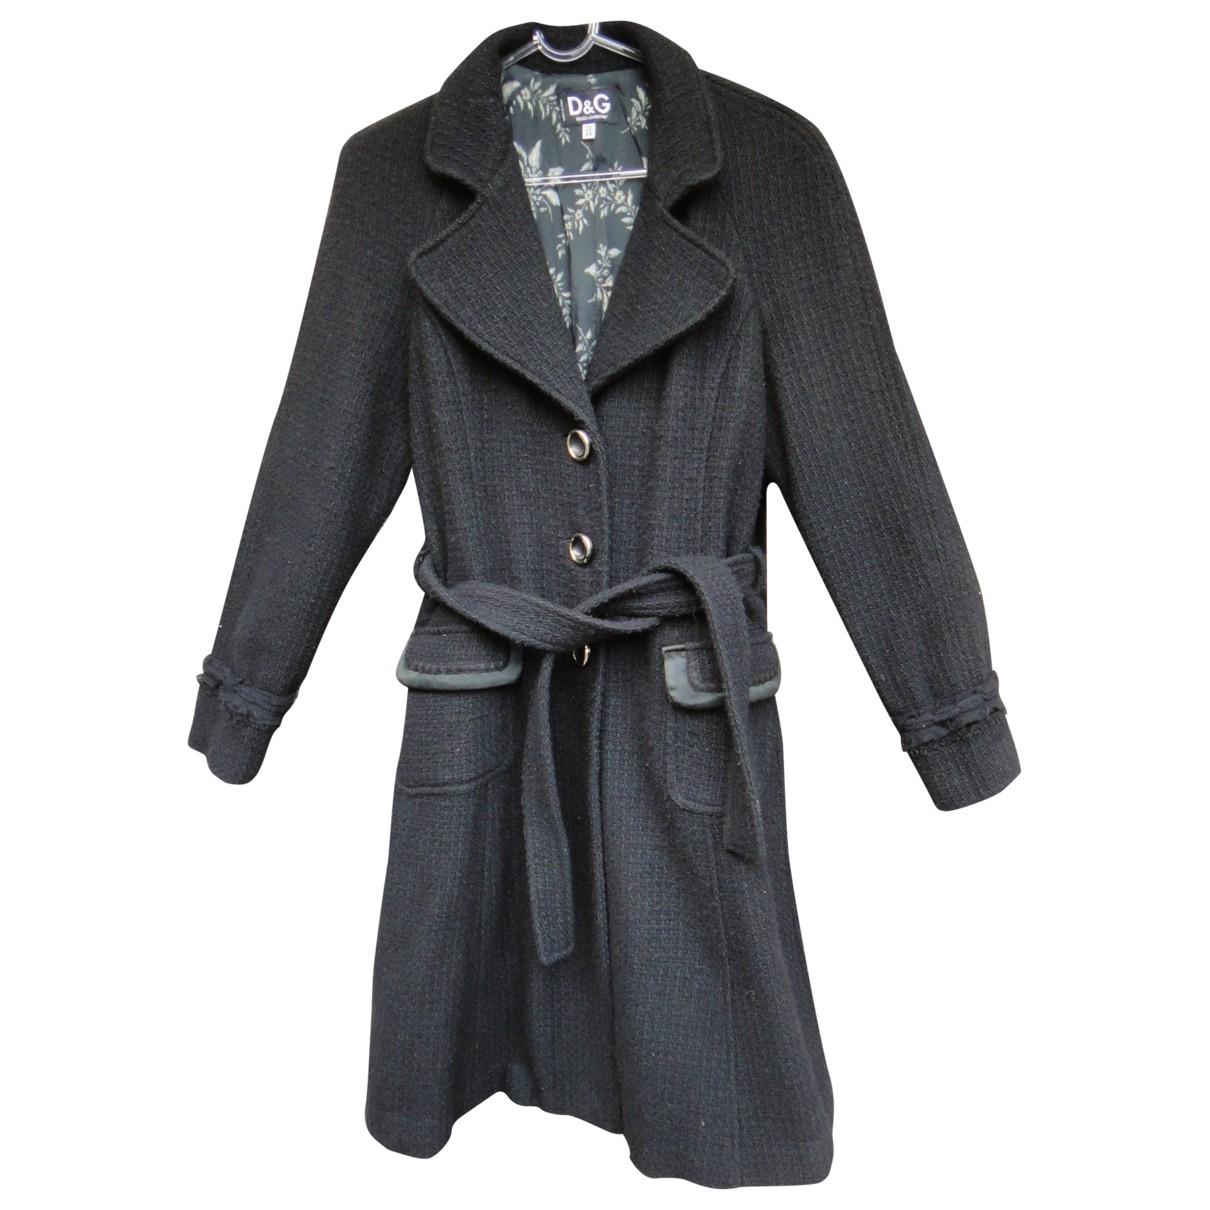 D&g - Manteau   pour femme en laine - noir